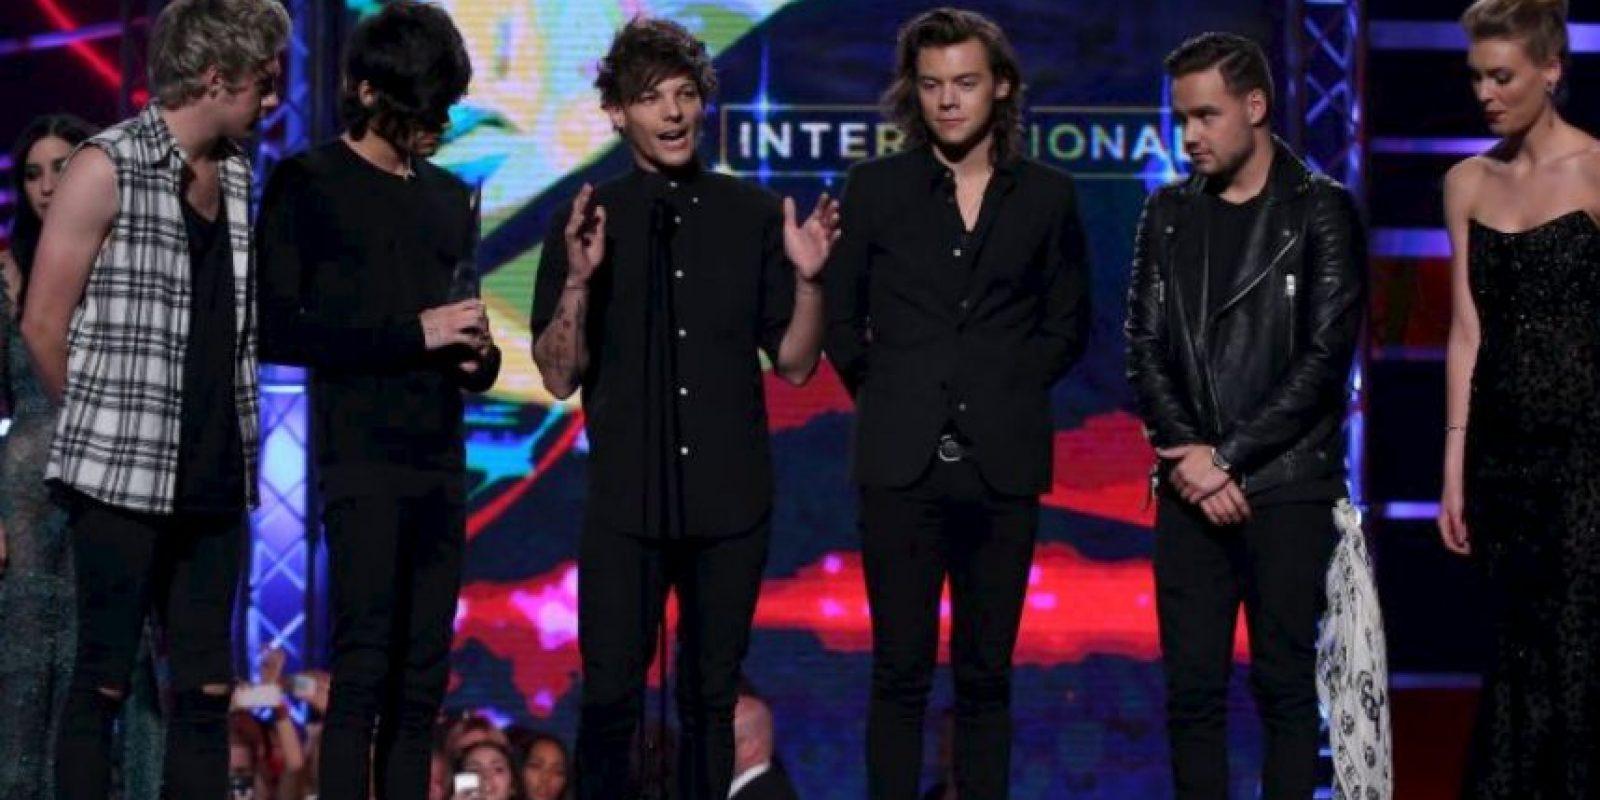 One Direction ganó el año pasado $75 millones de dólares. Foto:Getty Images